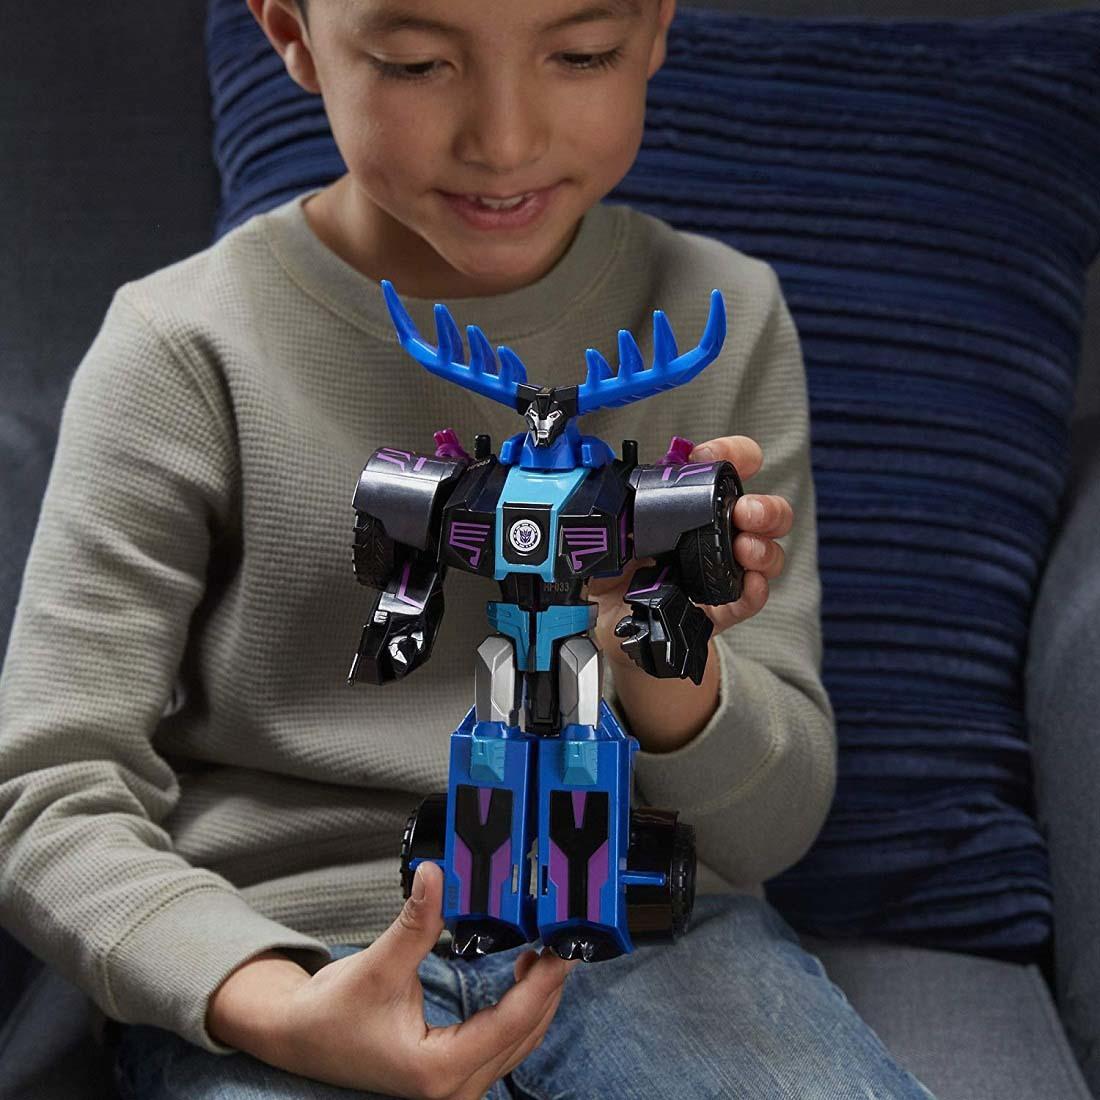 СандерХув трансформация в 3 шага. Роботы под Прикрытием ...